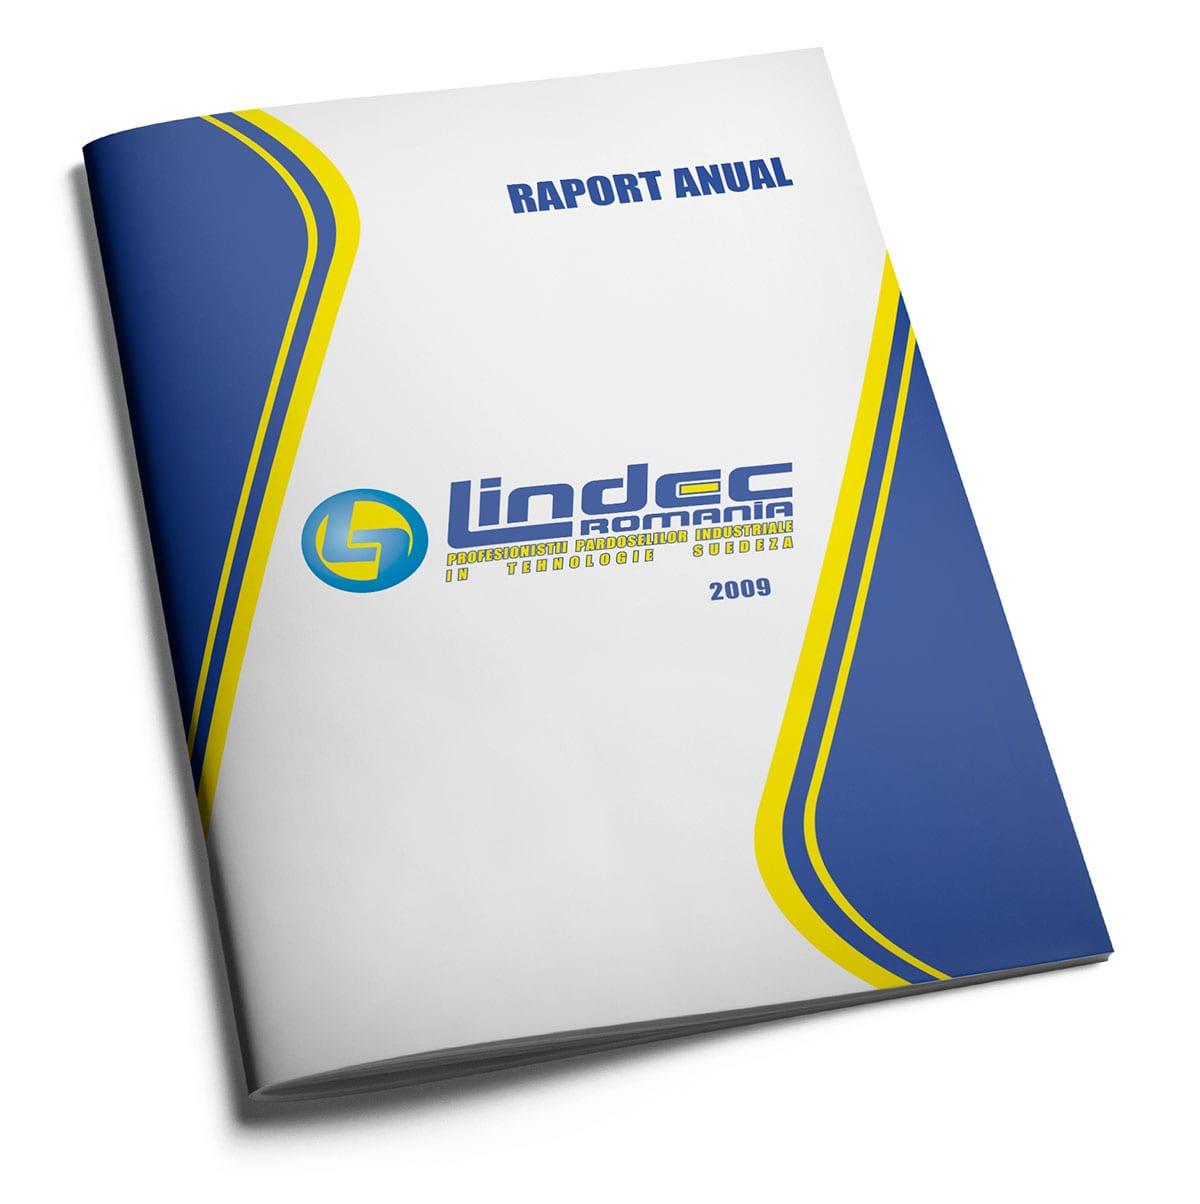 Rapoartele realizate de noi au un design personalizat și unic pentru fiecare proiect, modern și atractiv.